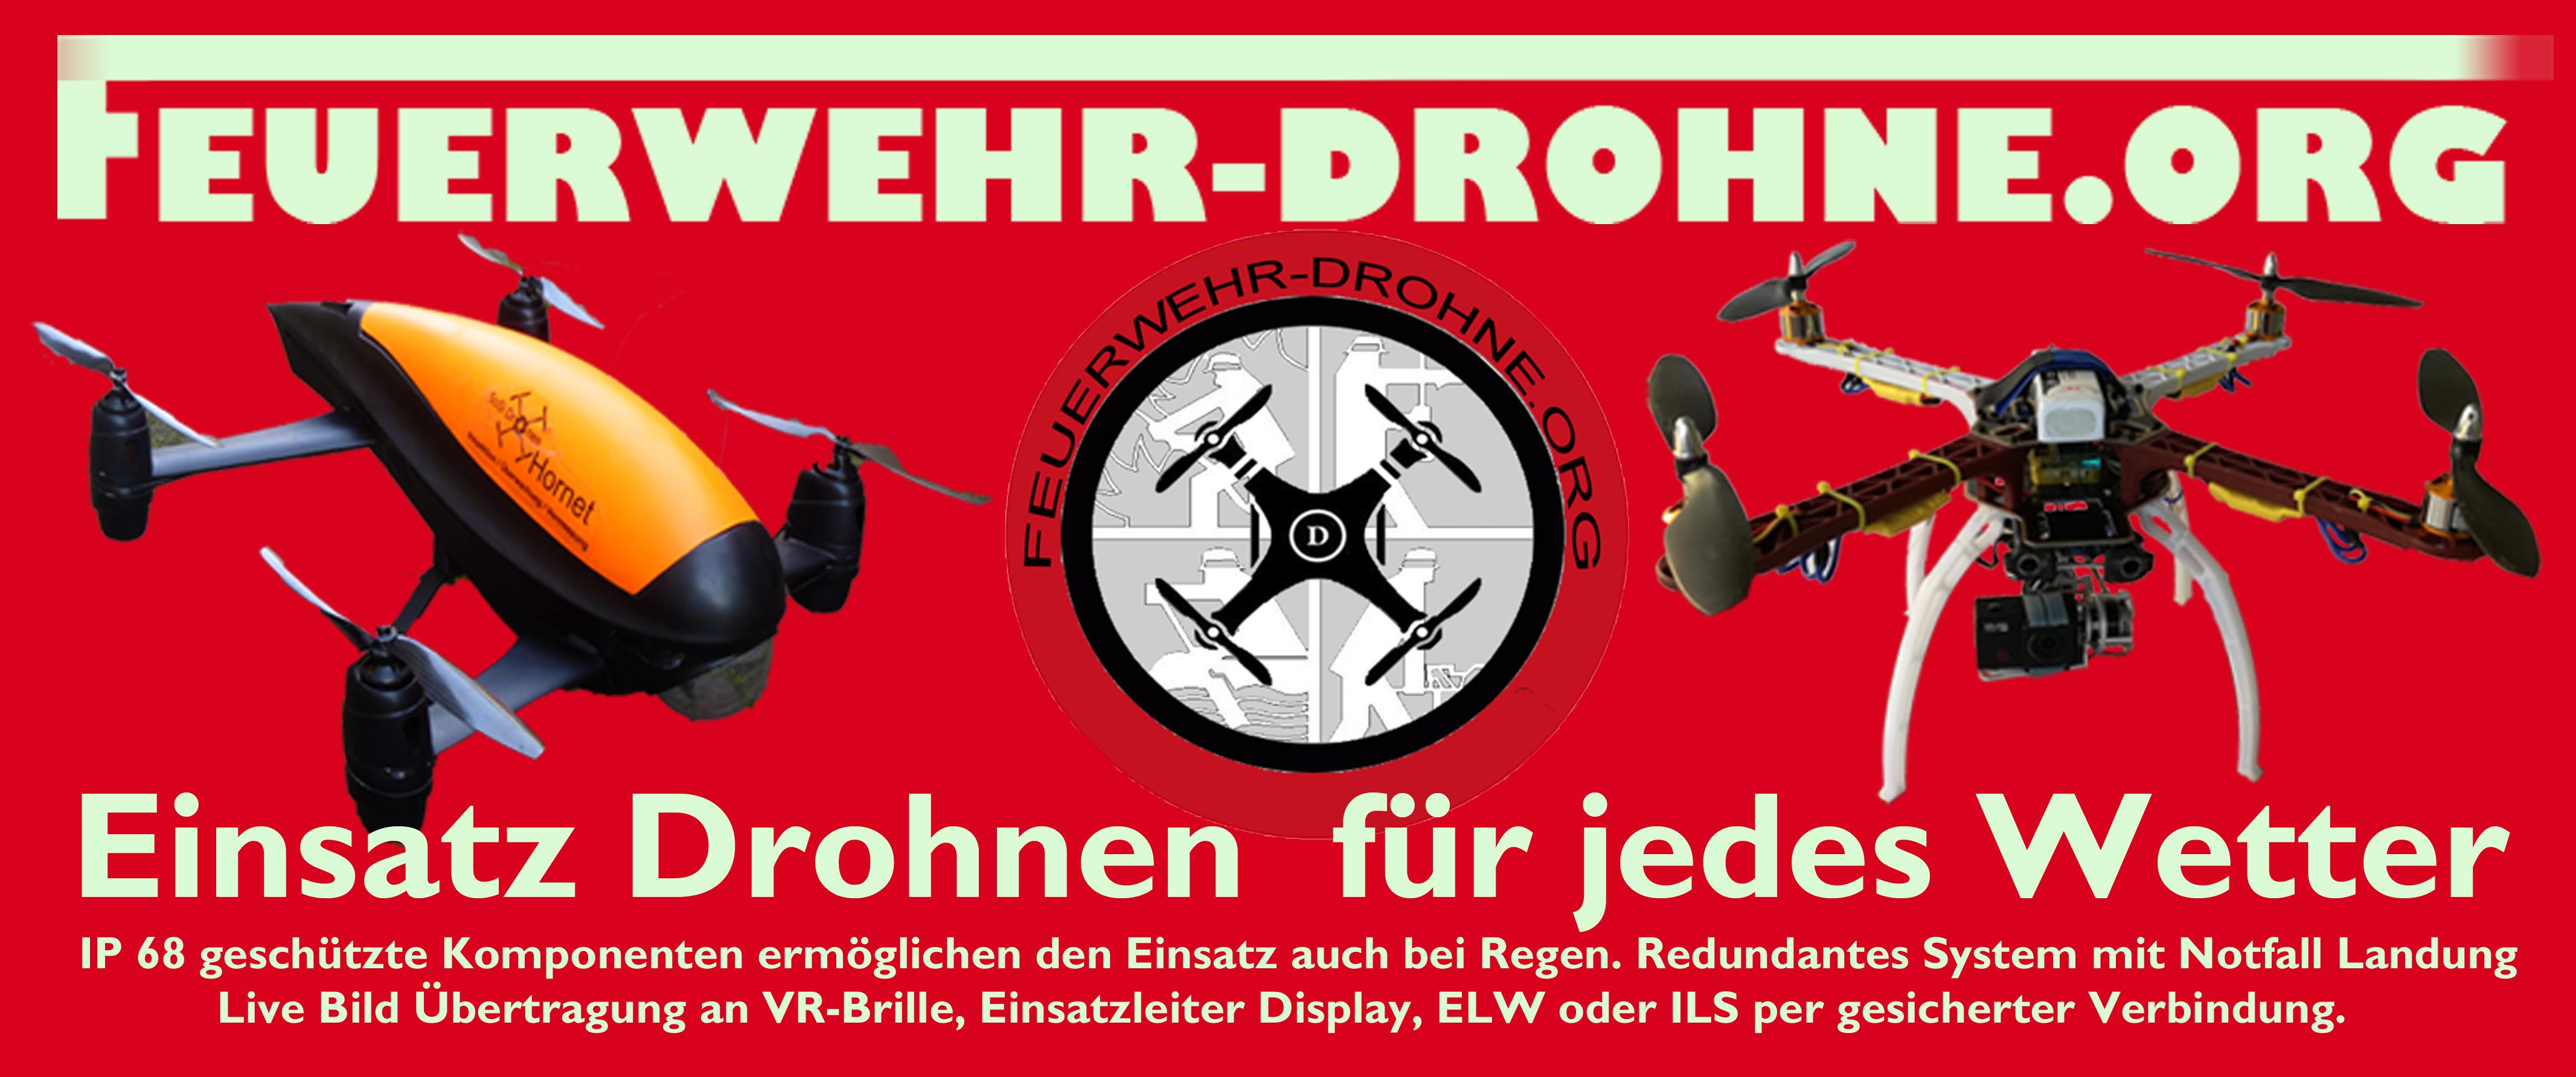 Feuerwehr Drohne.ORG